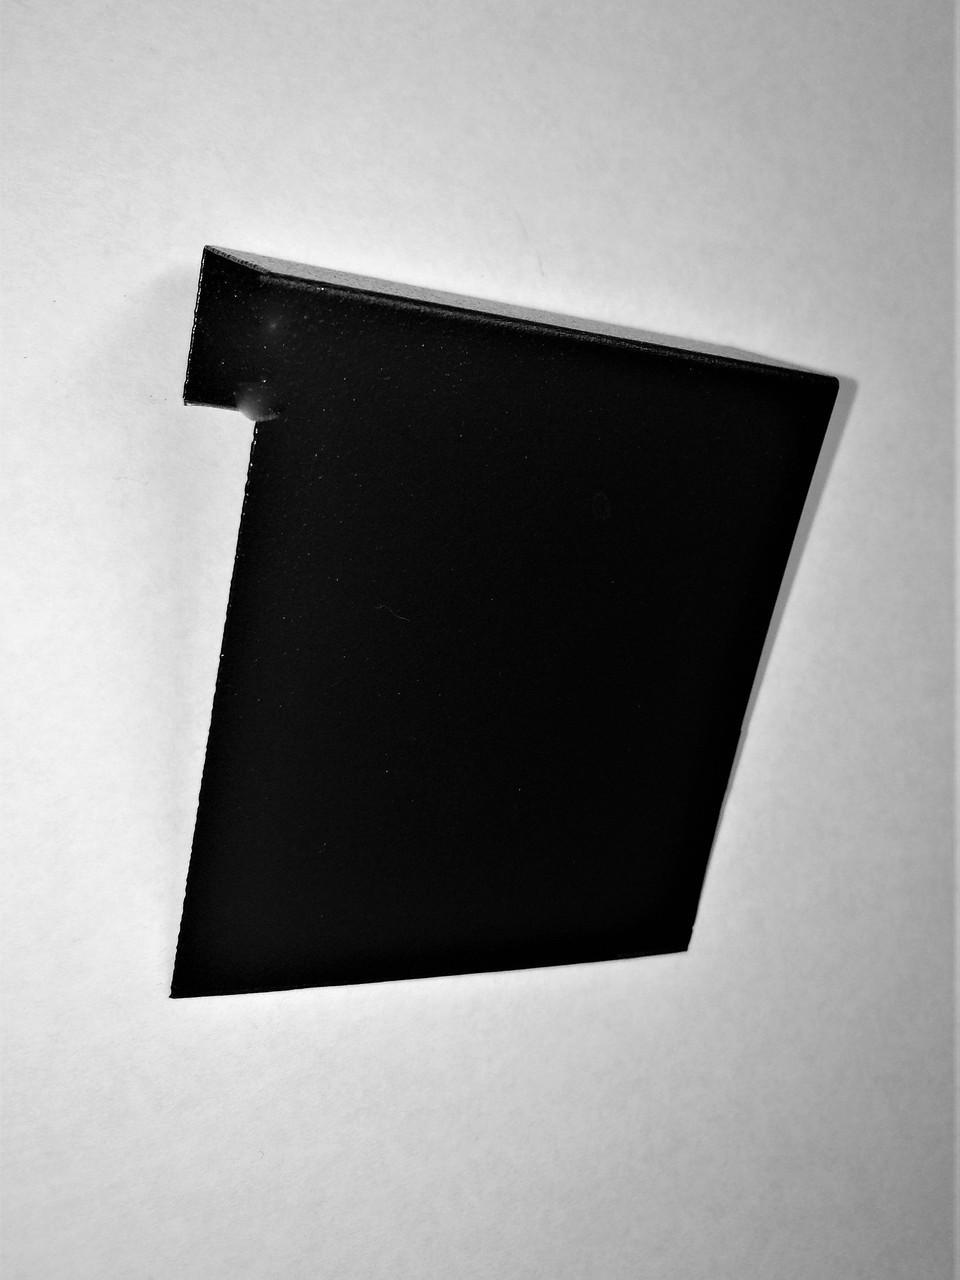 Меловой ценник 15х20 см П-образный на полку. Грифельная табличка на стеллаж. Для надписей мелом и маркером.